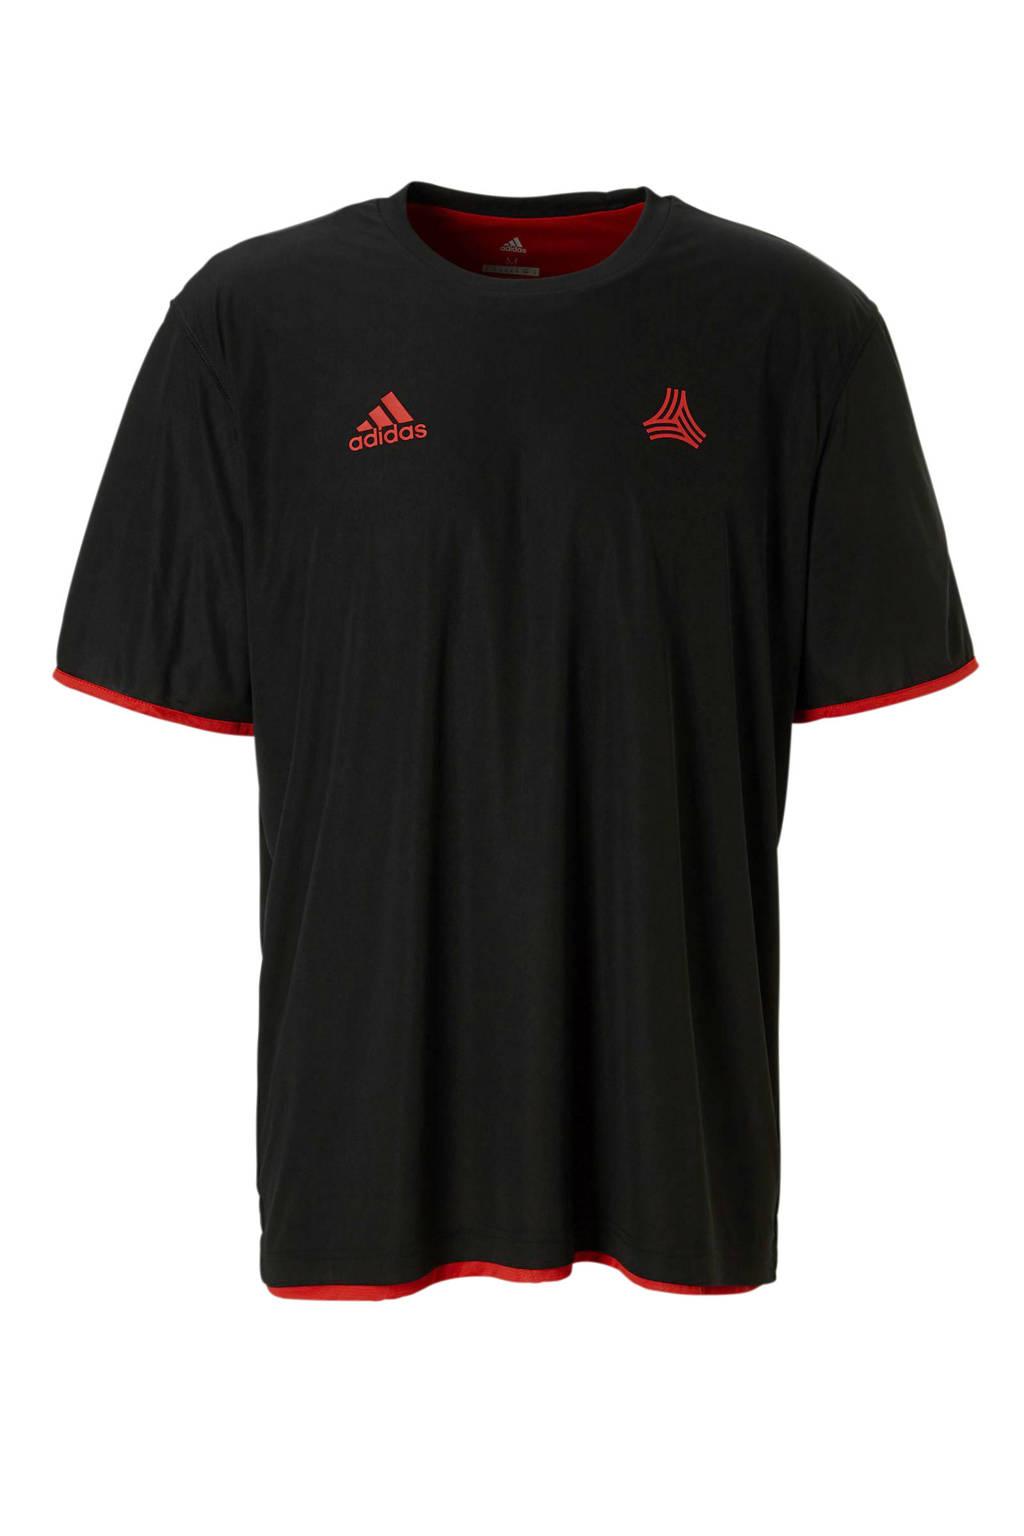 adidas performance   reversible sport T-shirt, Zwart/rood